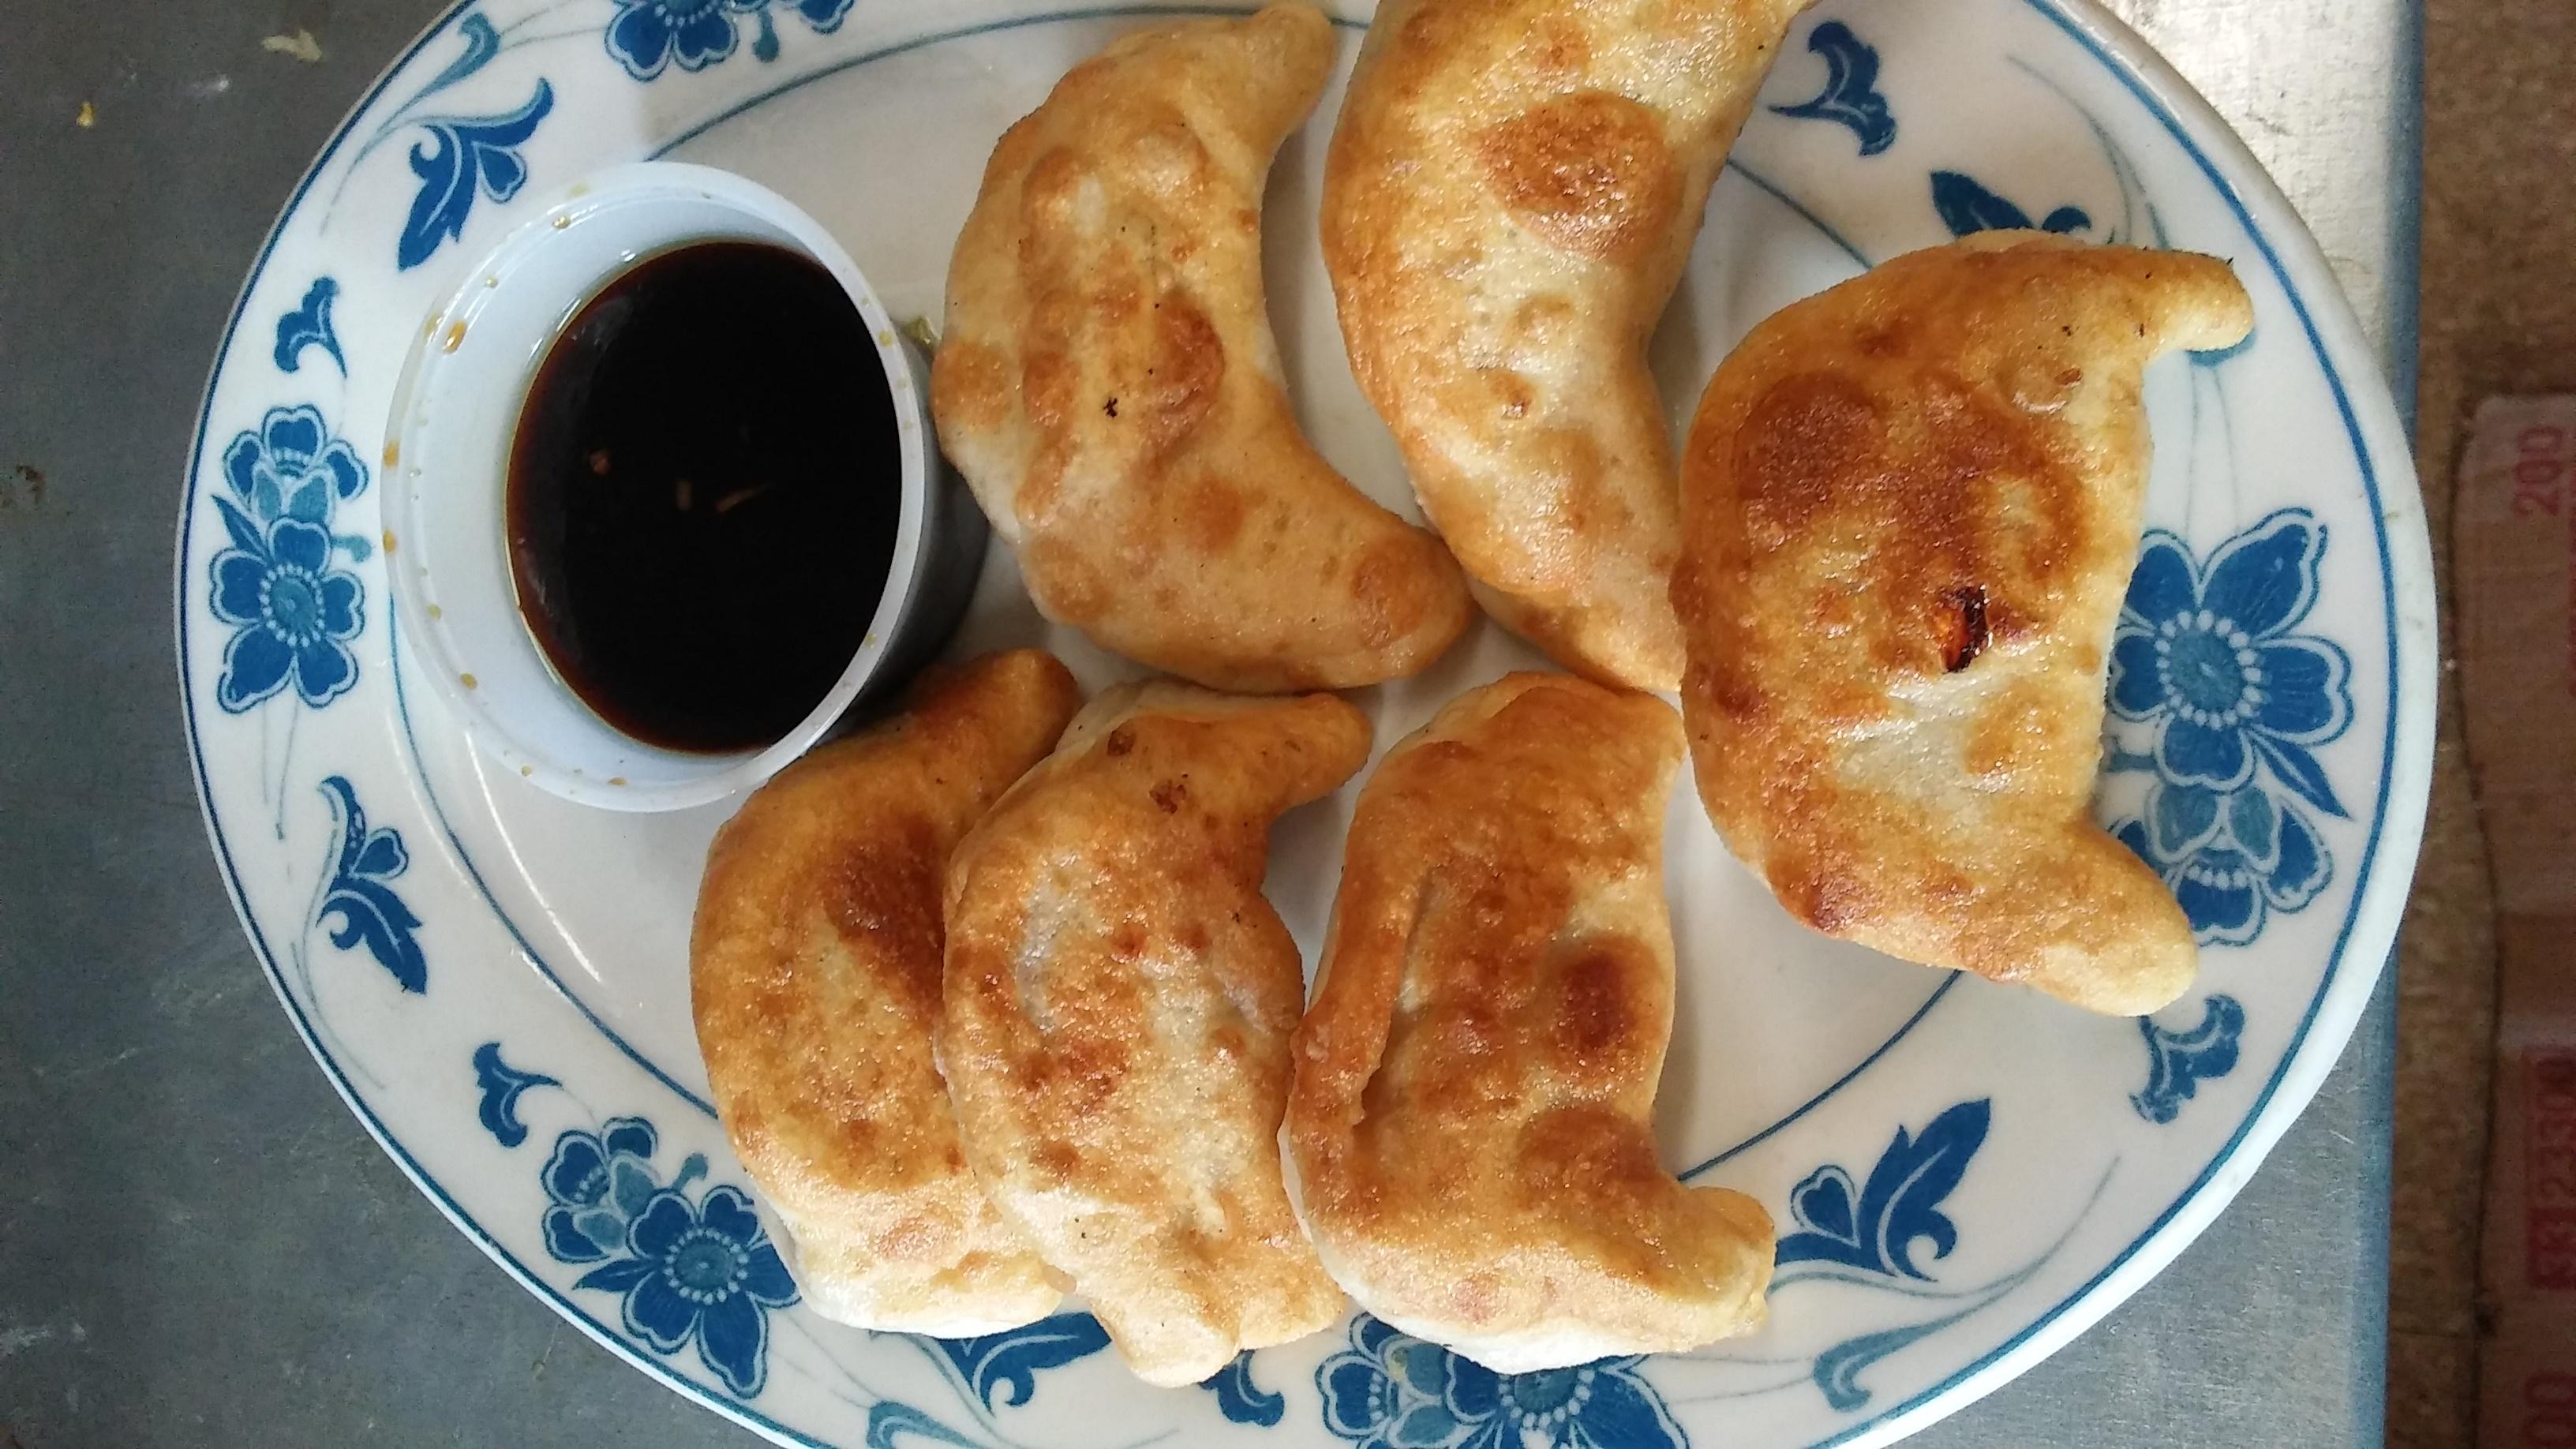 10. Fried Dumplings (6) Image